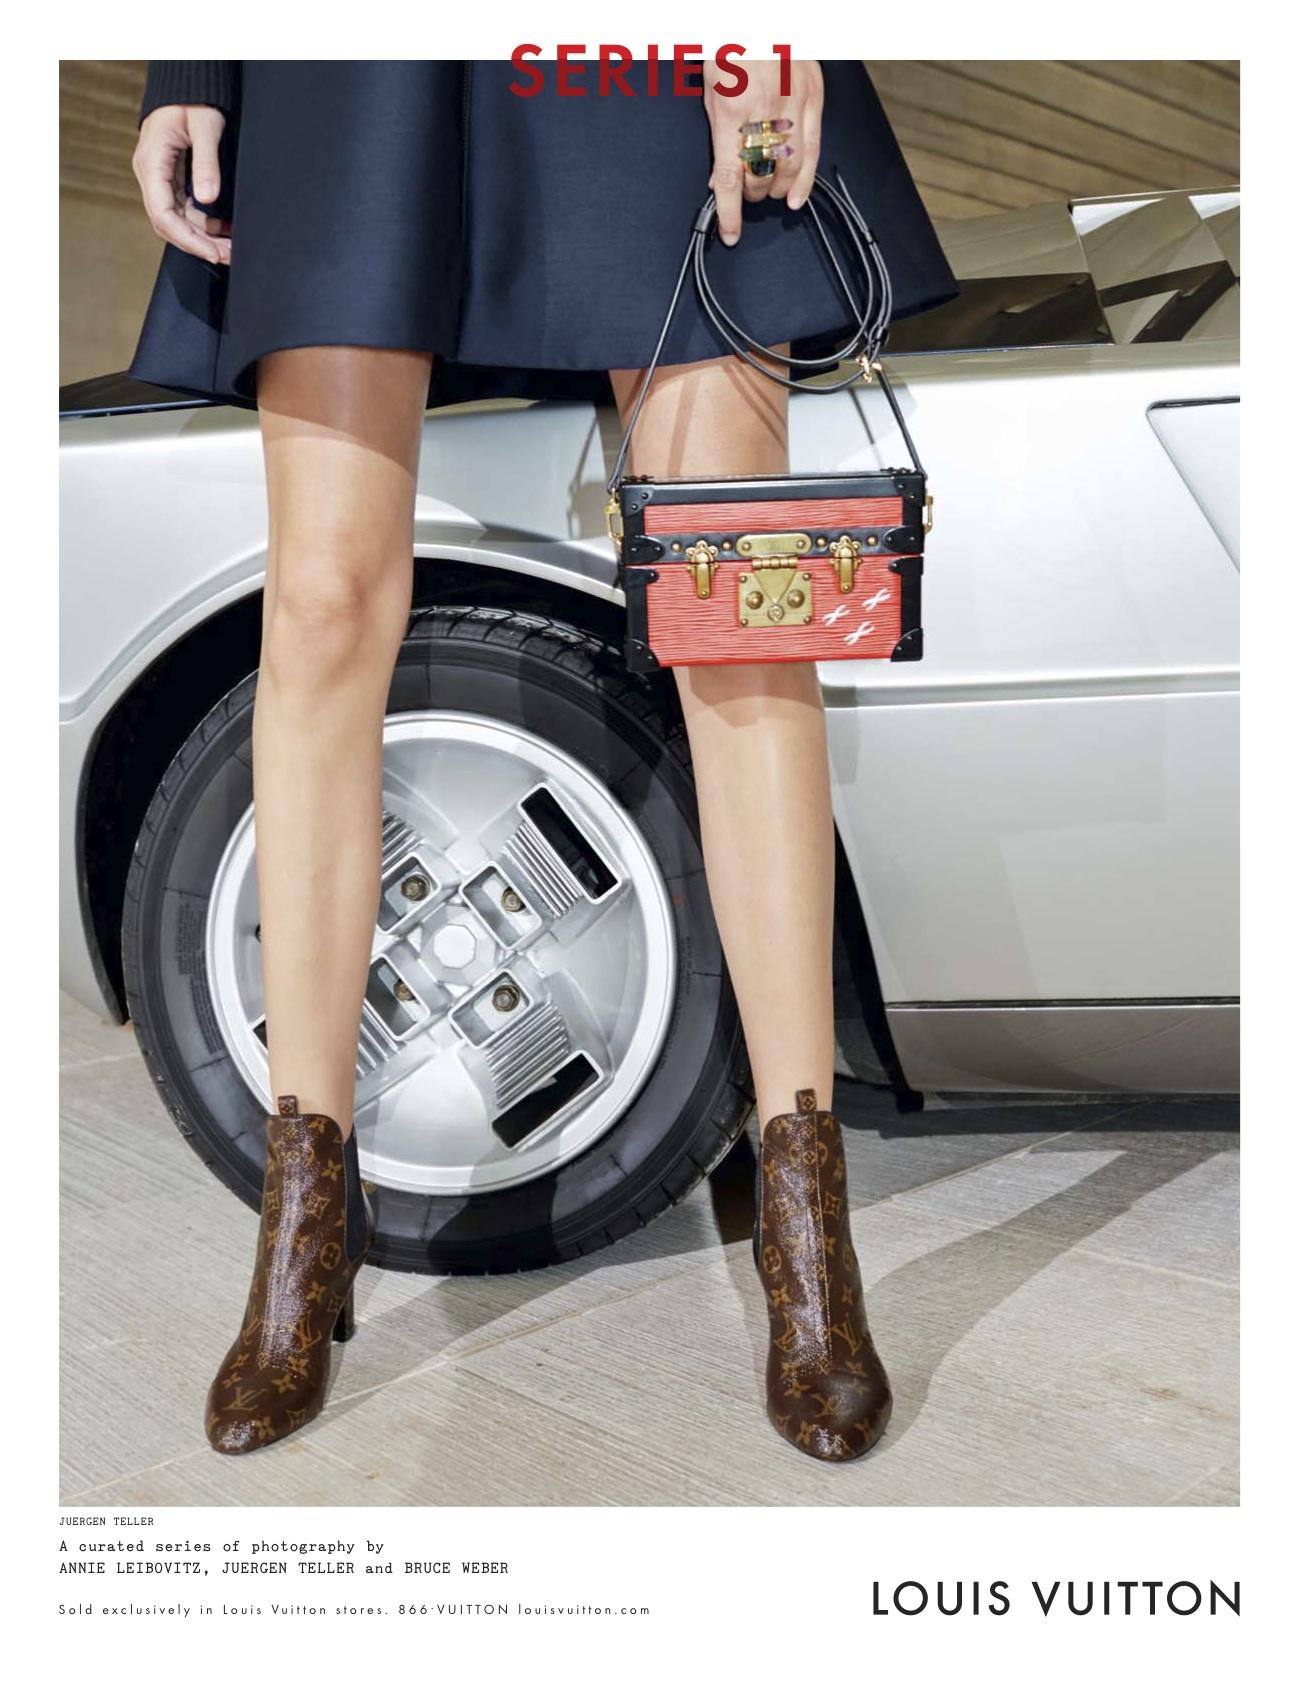 Louis Vuitton Winter Campaign